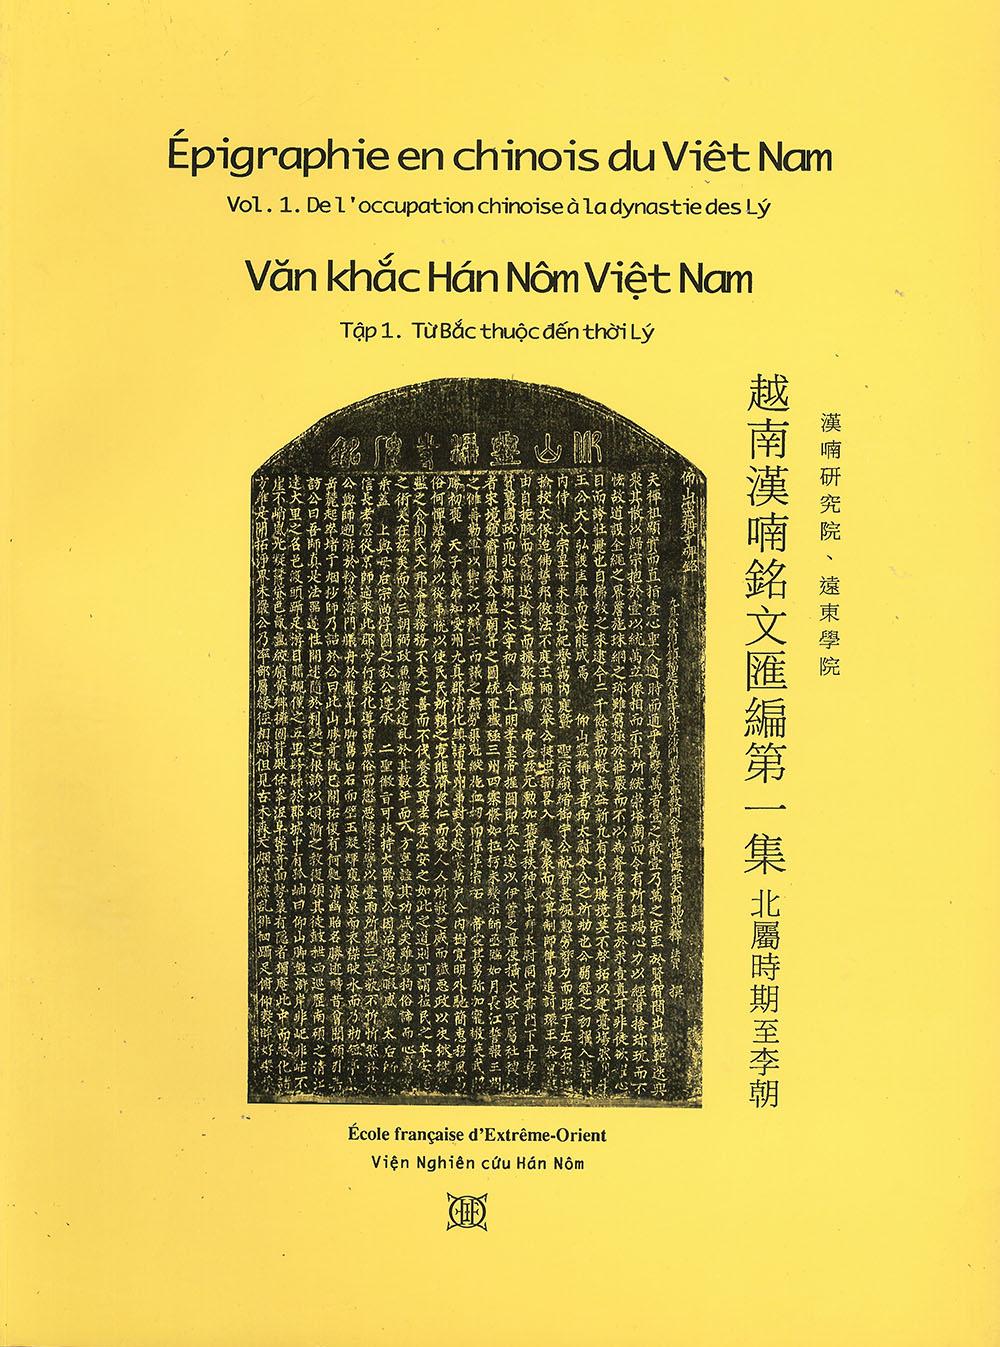 Épigraphie en chinois du Viêt Nam